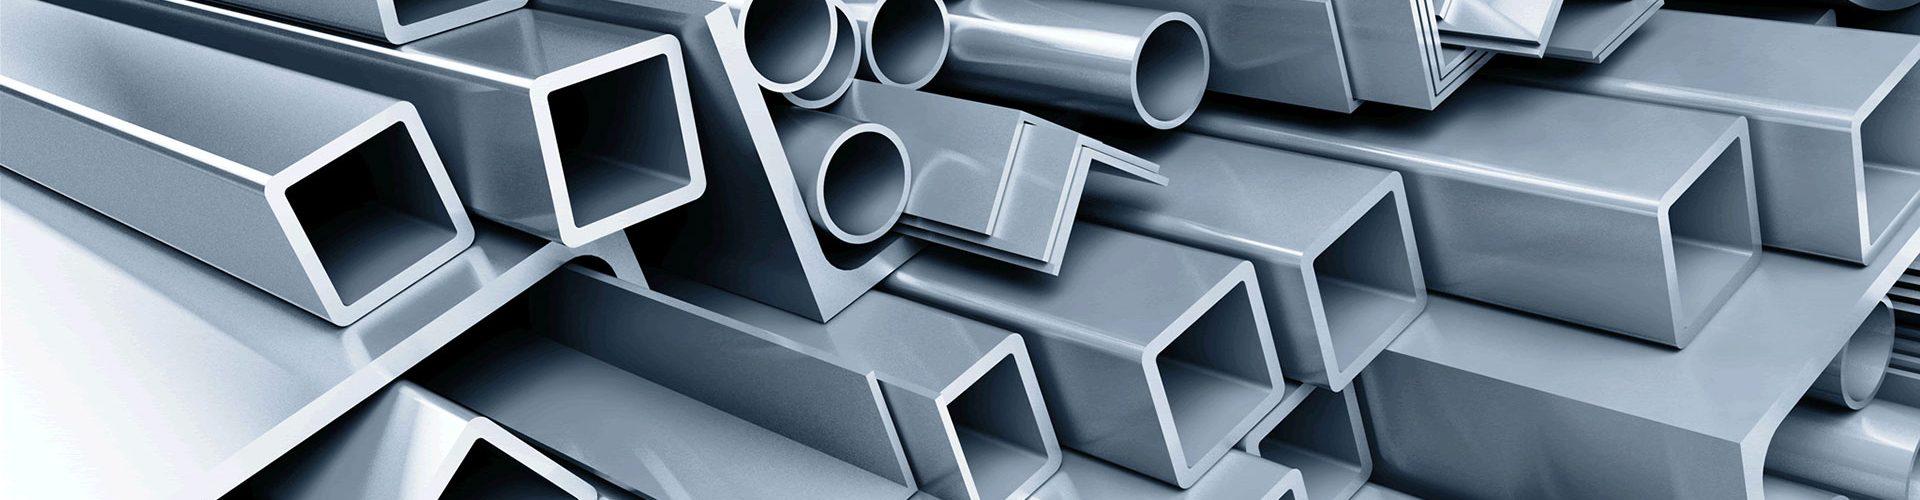 https://www.hyspex.com.br/wp-content/uploads/2020/05/Tubos-e-Perfis-de-Aluminio-Hyspex-Slide-1-1-1920x500.jpg